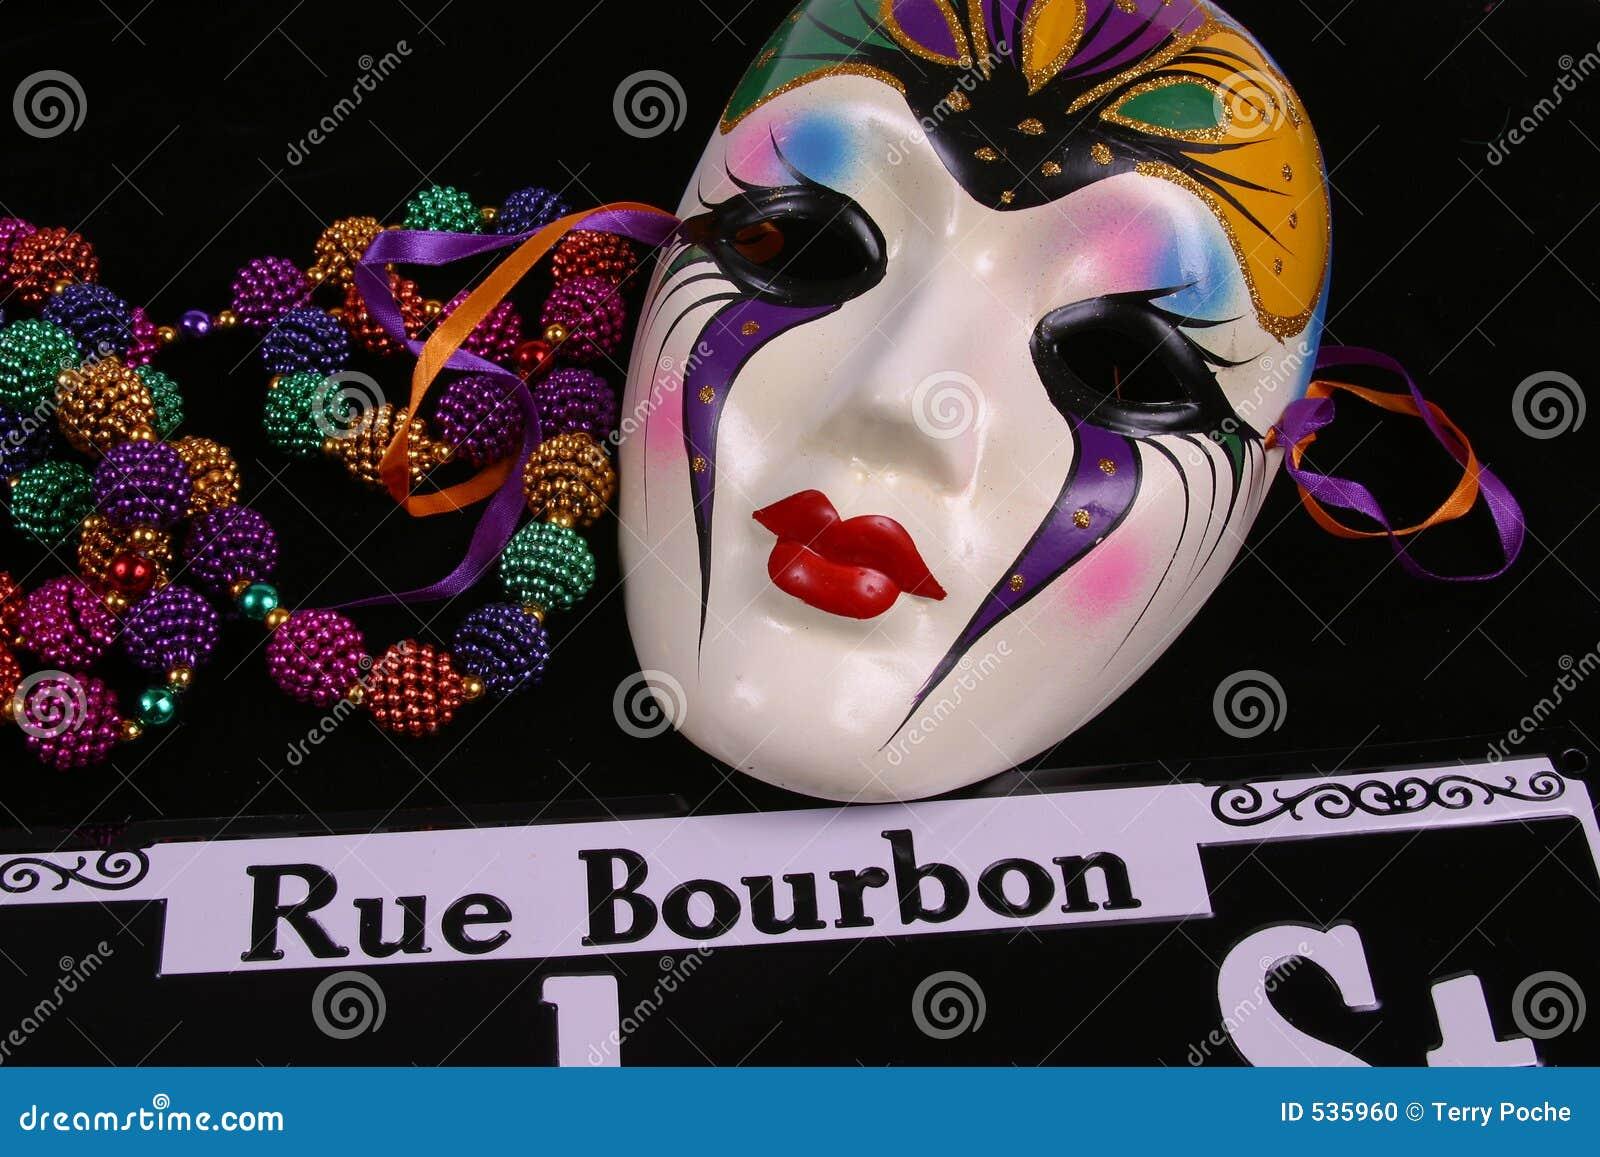 Download 成串珠状波旁酒屏蔽云香 库存照片. 图片 包括有 奥尔良, 隐藏, 节日, 街道, 紫色, 颜色, 星期二, 服装 - 535960